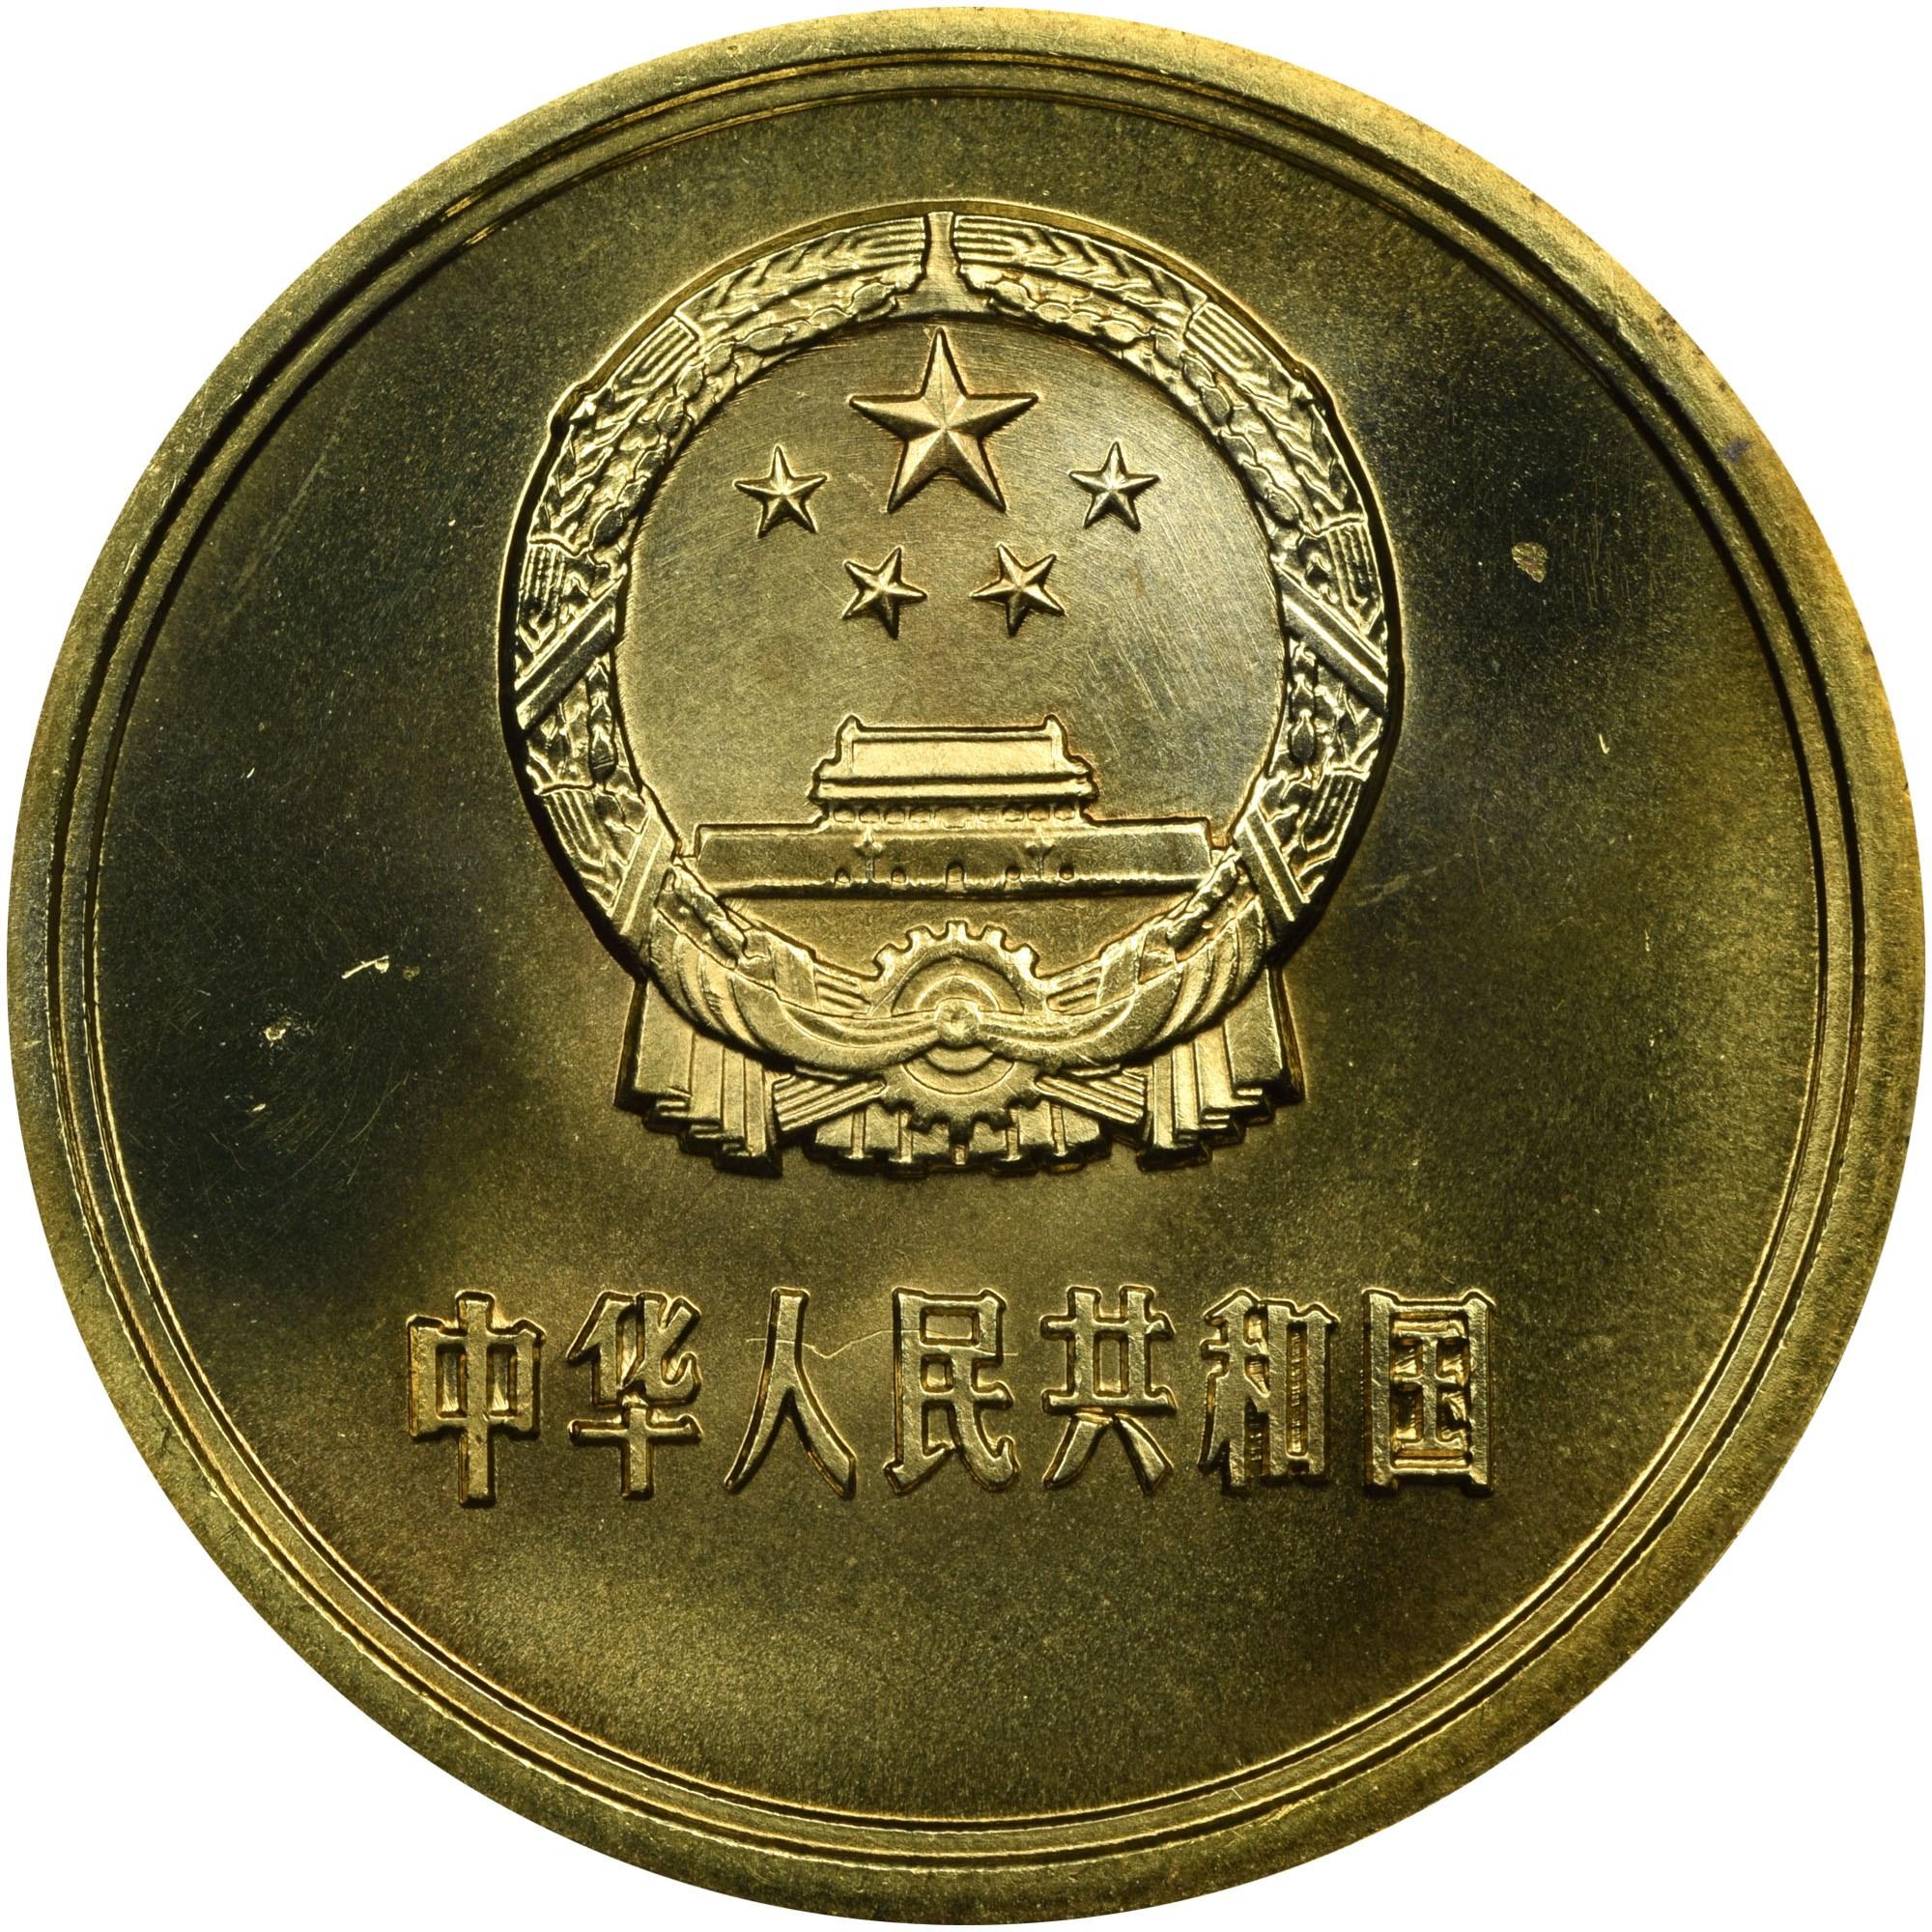 China, People'S Republic 2 Jiao obverse